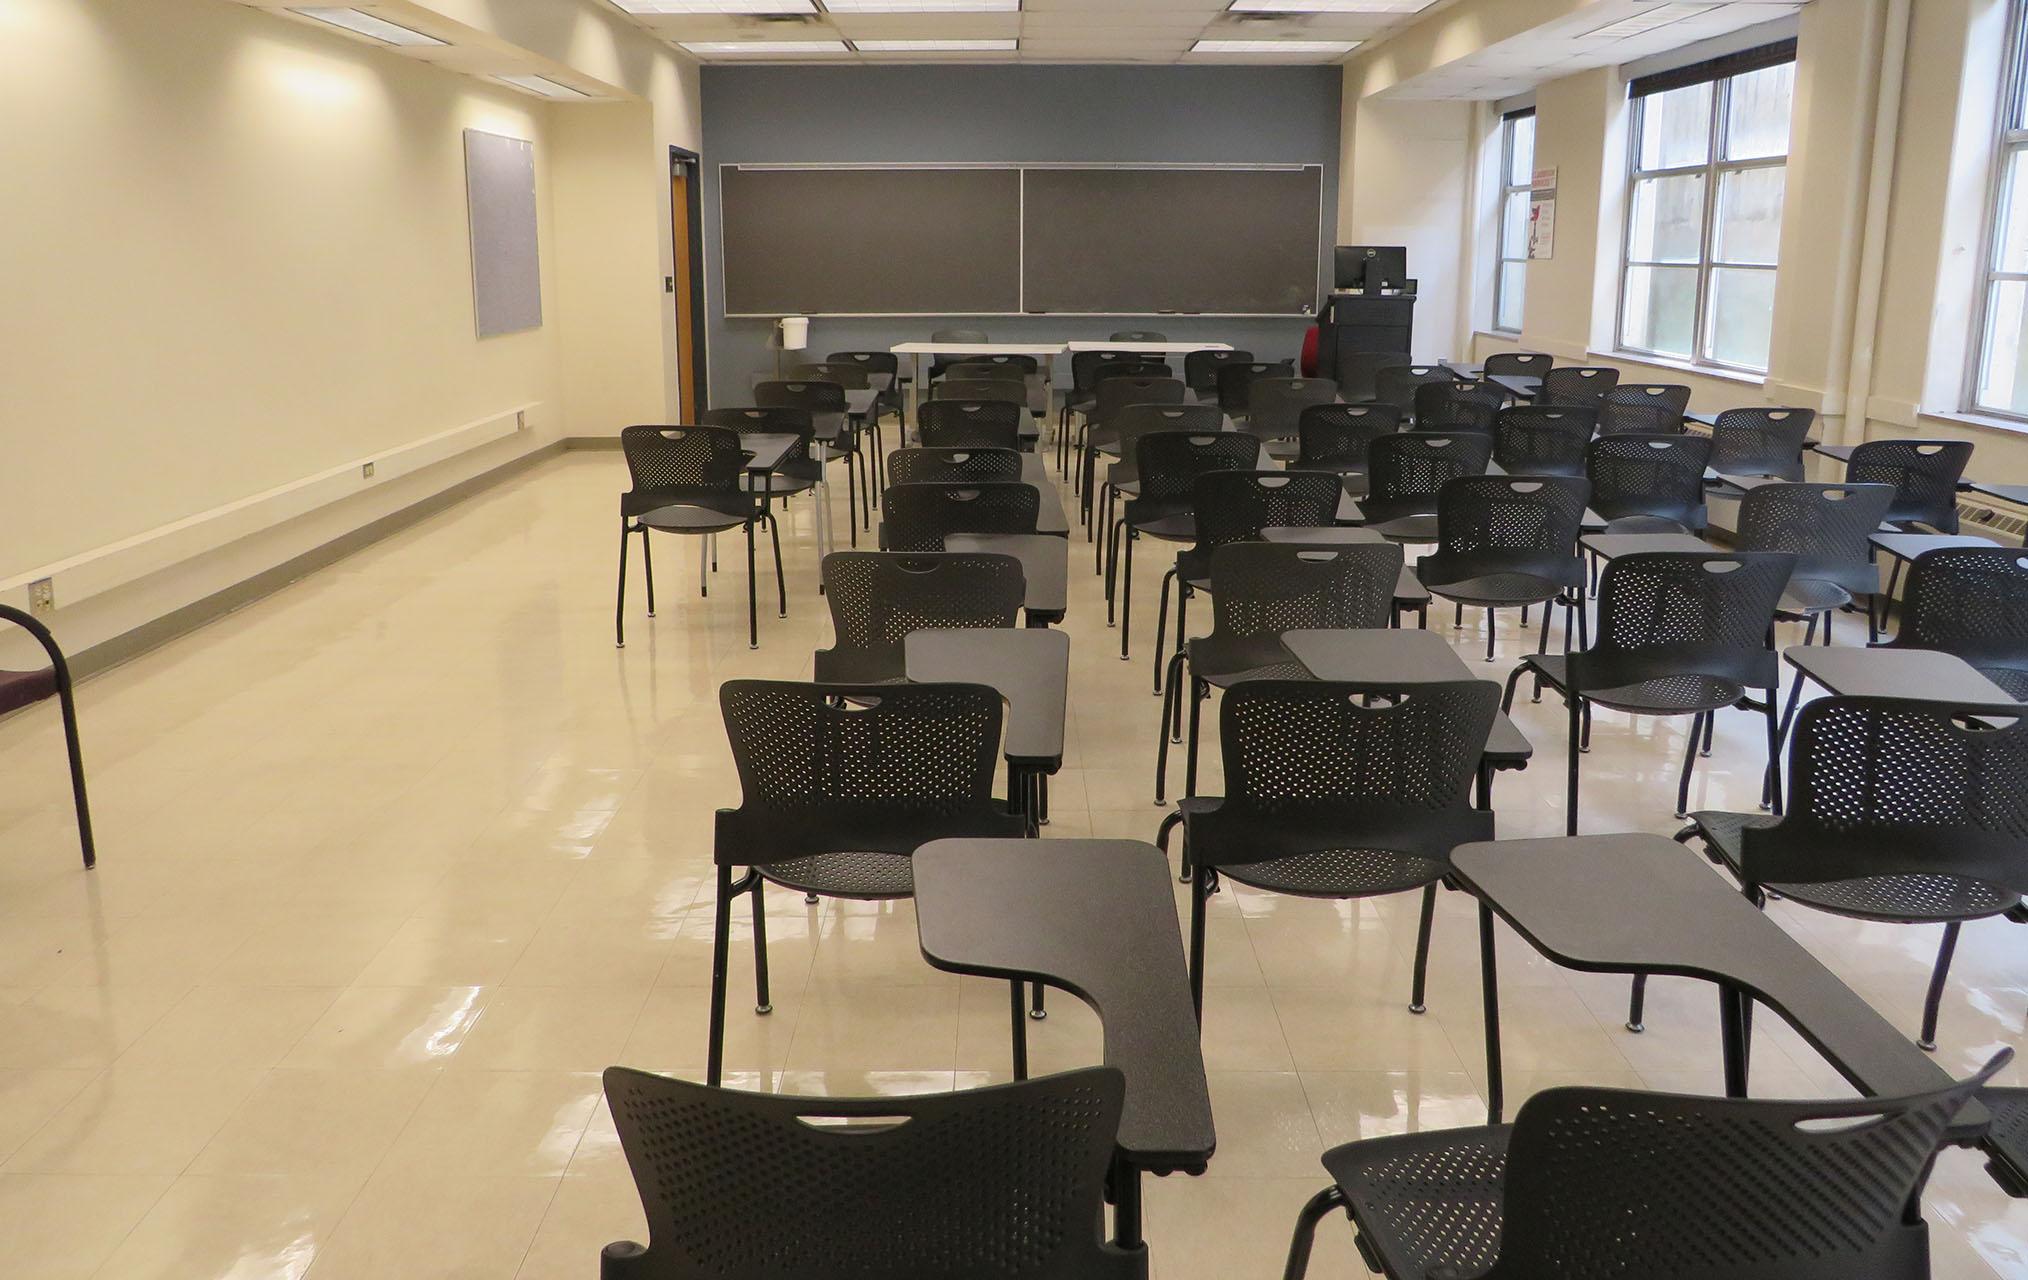 Arps Hall Room 12